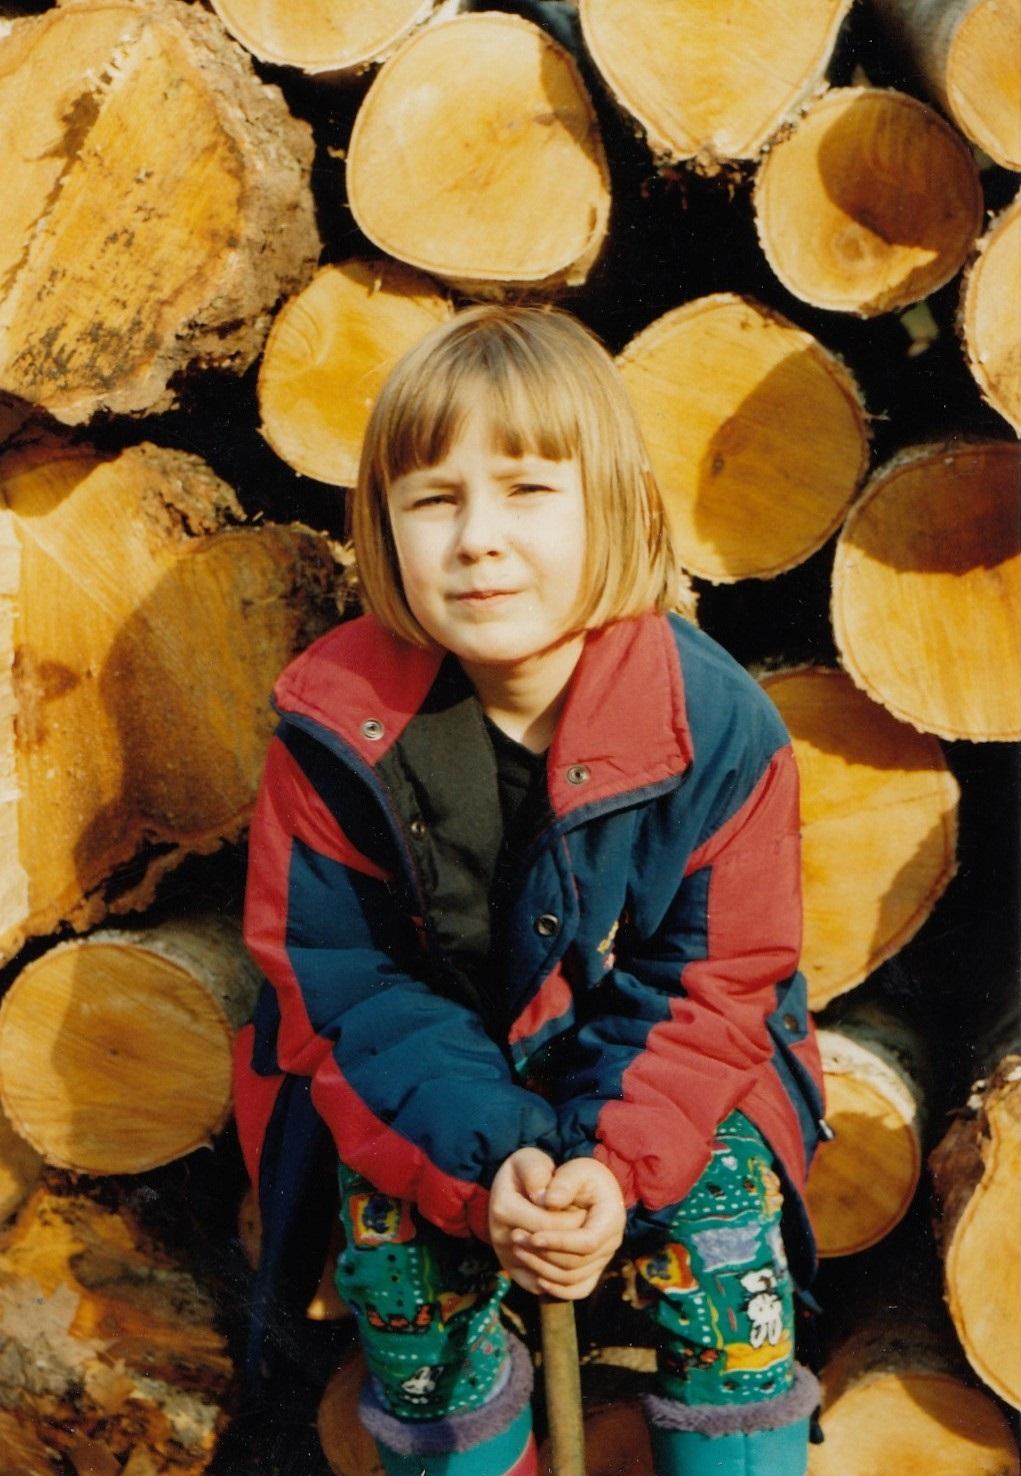 Wycinka drzewa naopał - zbliżają się wieki ciemne dla naszej familii, 1999